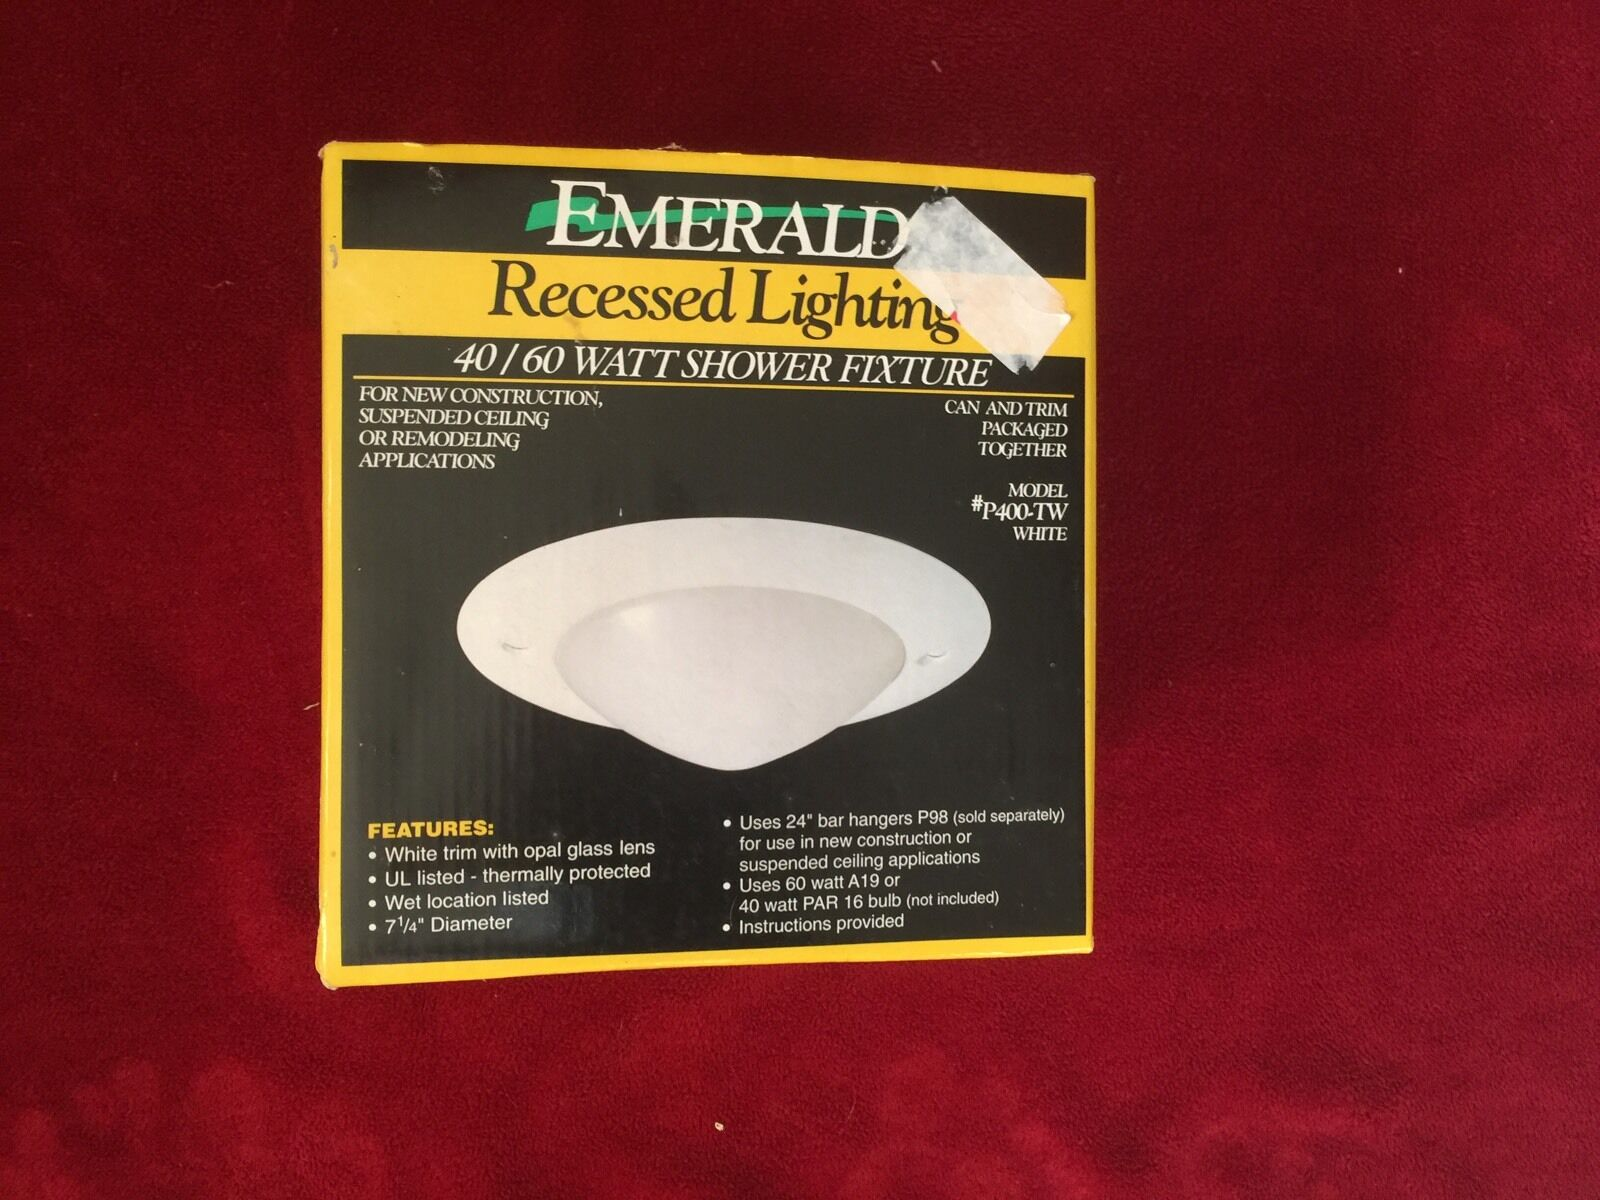 Emerald 4060 watt shower recessed lighting fixture p400tw ebay picture 1 of 1 aloadofball Image collections